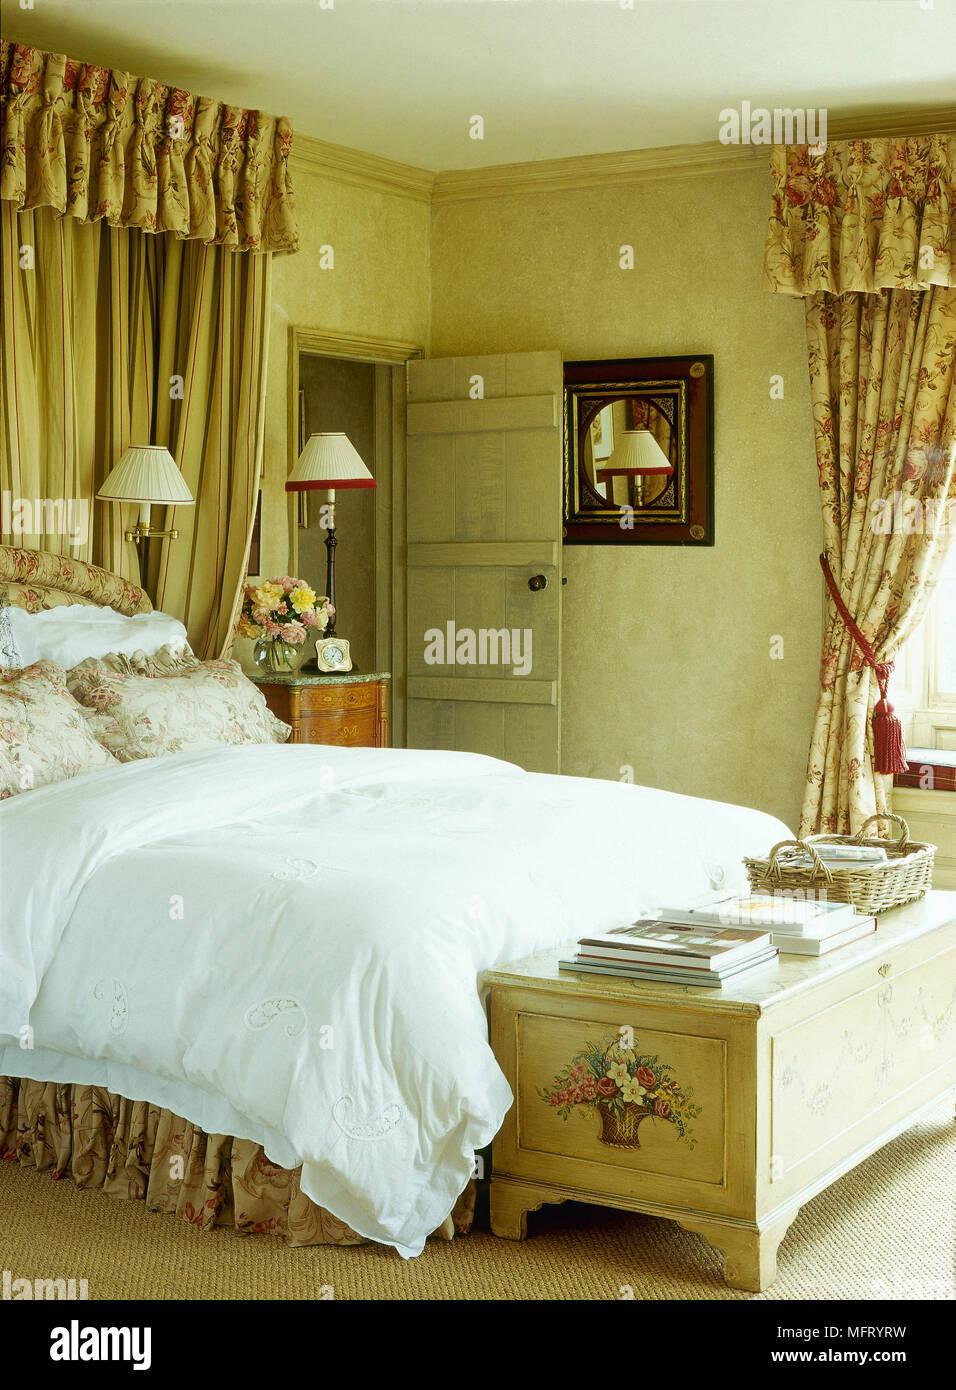 Traditionelle Land Schlafzimmer Bett Geblümten Vorhängen Aus Lackiertem Holz  Brust Interieur Schlafzimmer Betten Florals Muster Chintz Weichen Möbeln